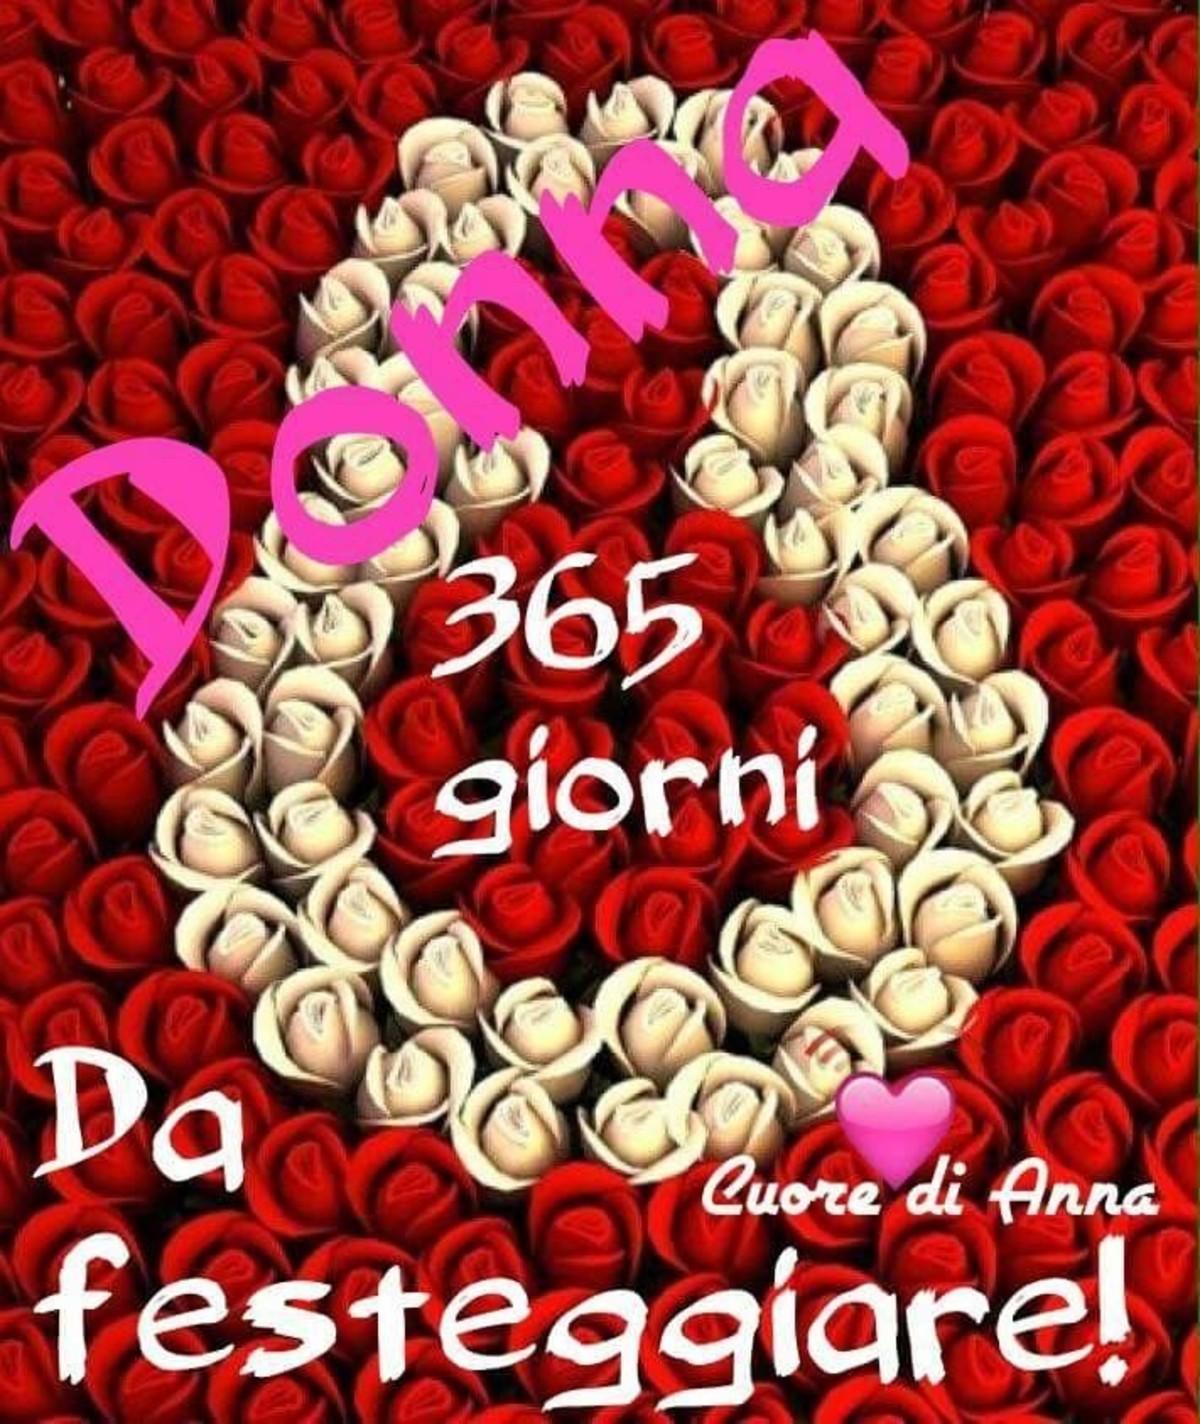 Immagini Auguri Buona Festa Delle Donne 2 Buongiornocolsorrisoit